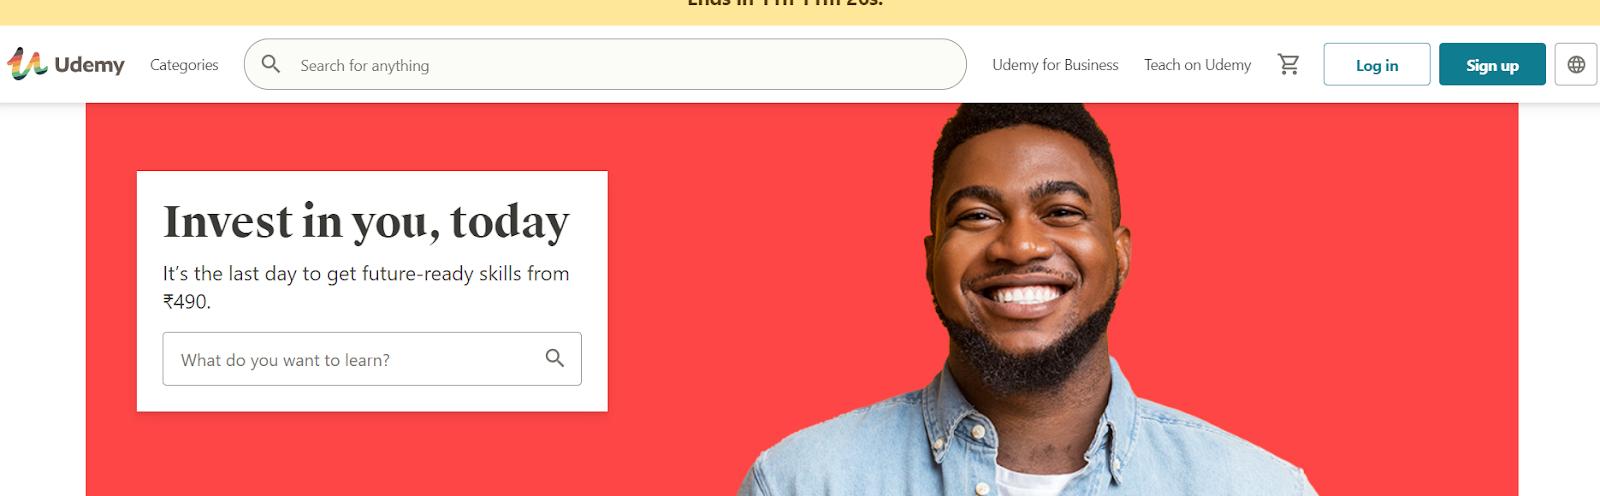 Screenshot of Udemy - Cohort based course platform